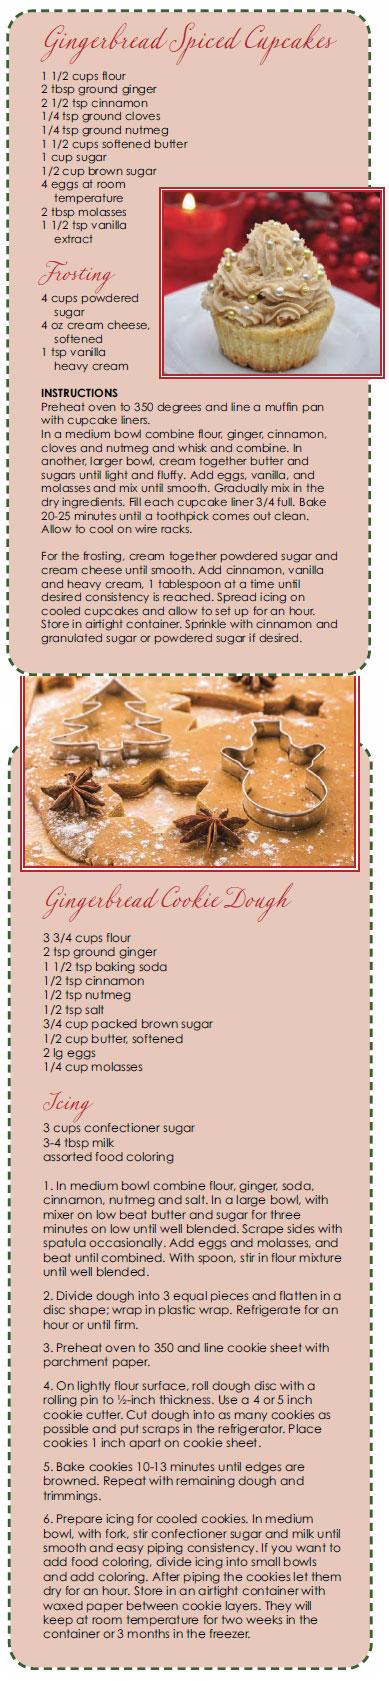 gingerbread-recipes